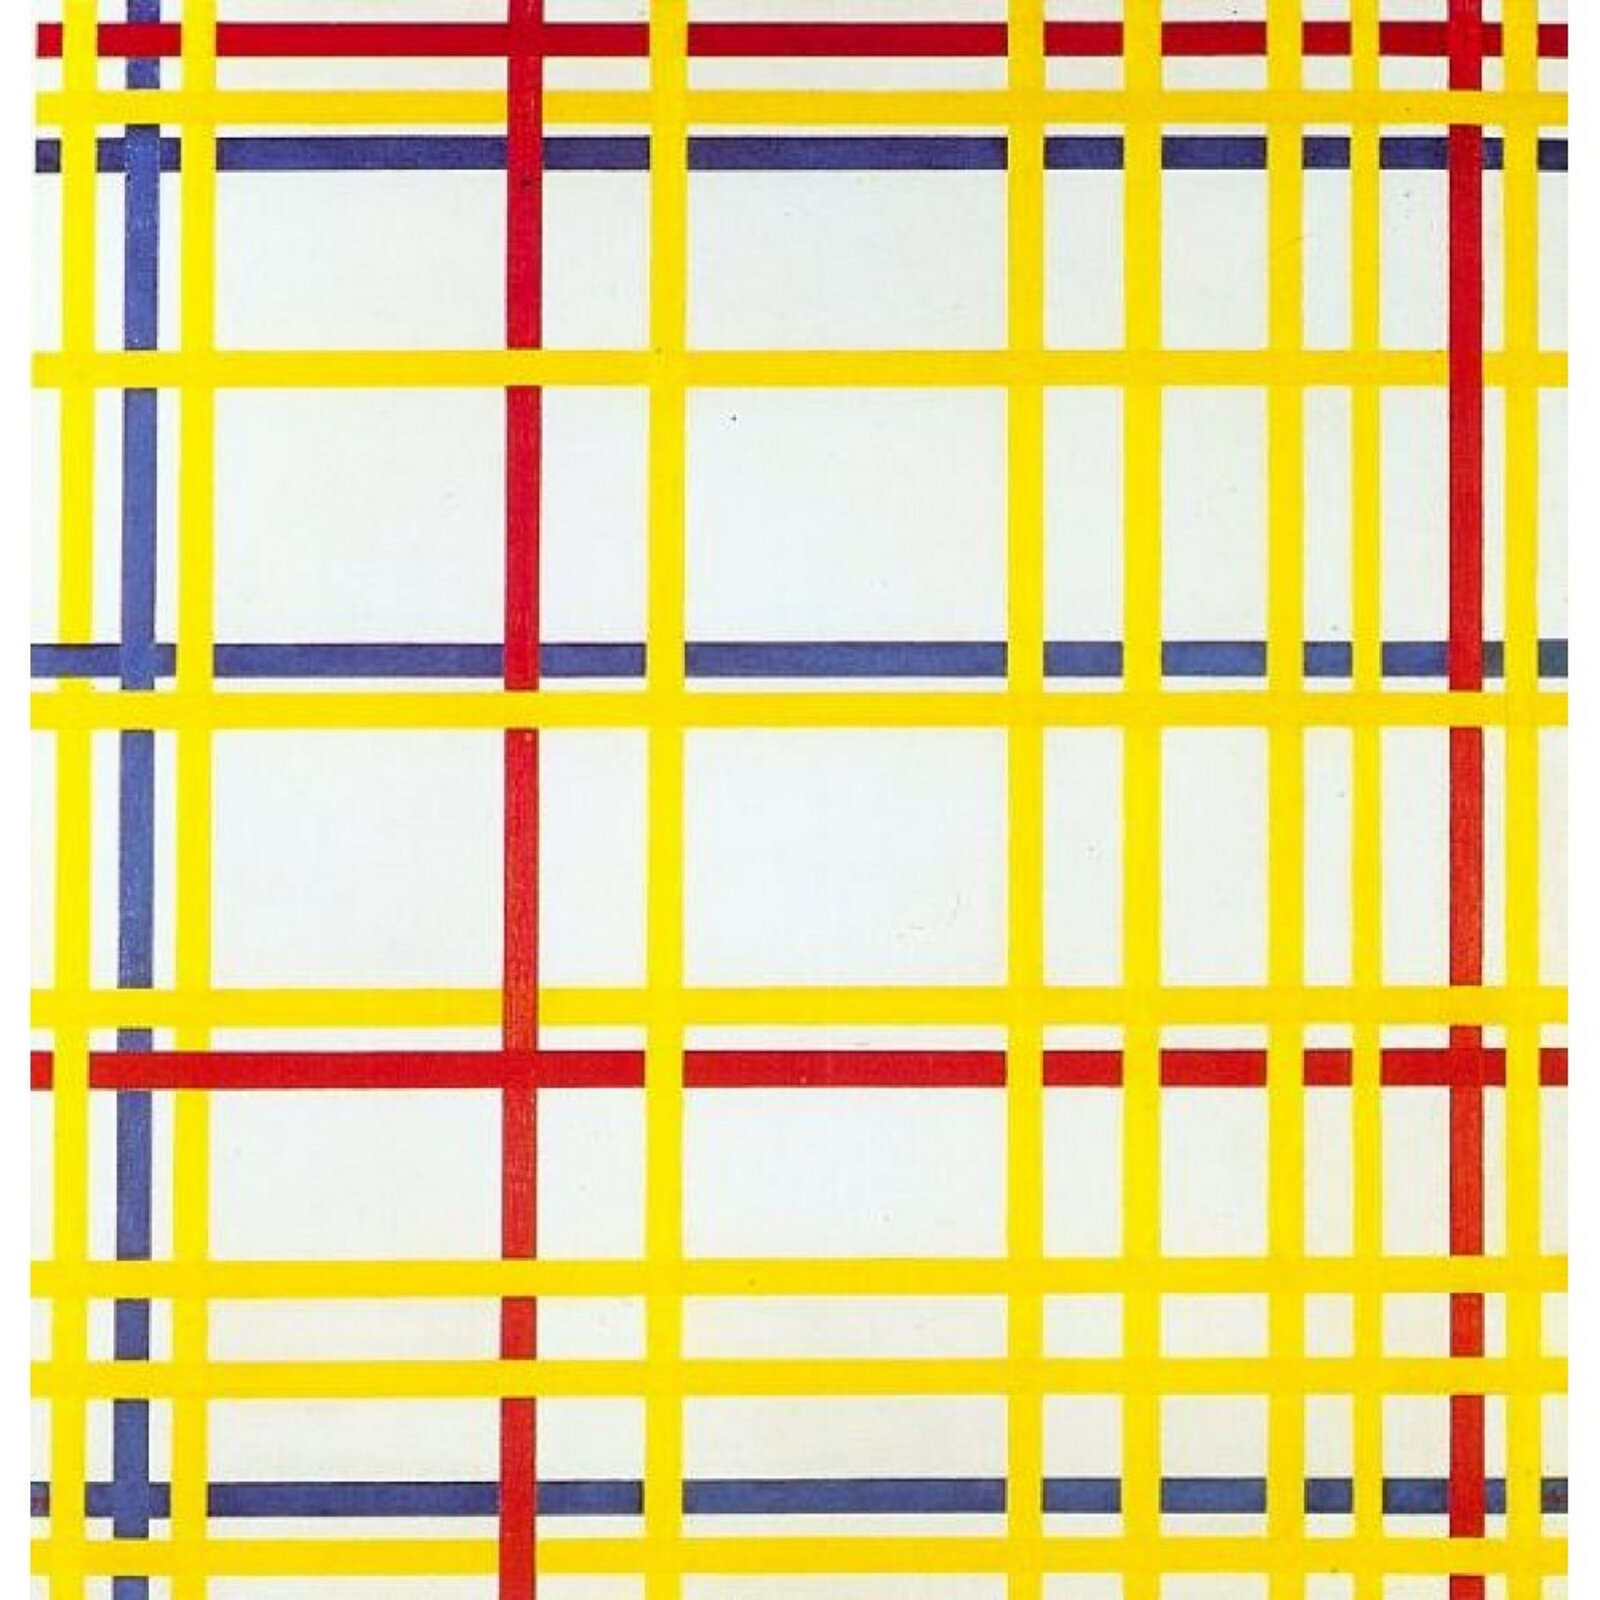 """Ilustracja przedstawia obraz Pieta Mondriana pt. """"New York City I"""". Ukazuje on kolorowe pionowe ipoziome linie tworzące kolorowe prostokąty. Przeważa kolor żółty."""